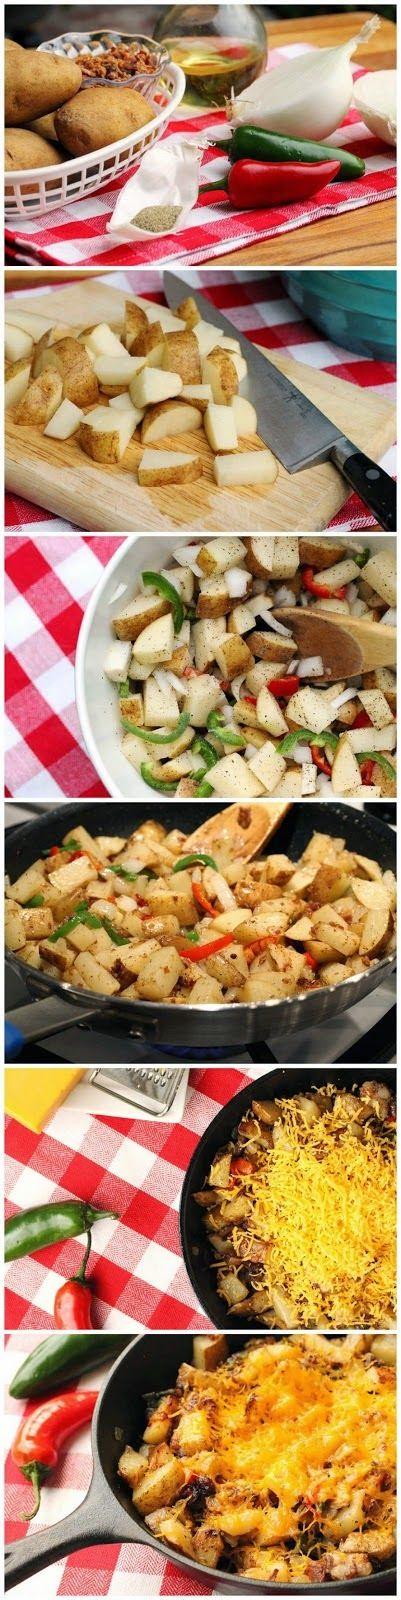 Cheesy Jalapeno and Bacon Skillet Potatoes - BestFoodRecipes